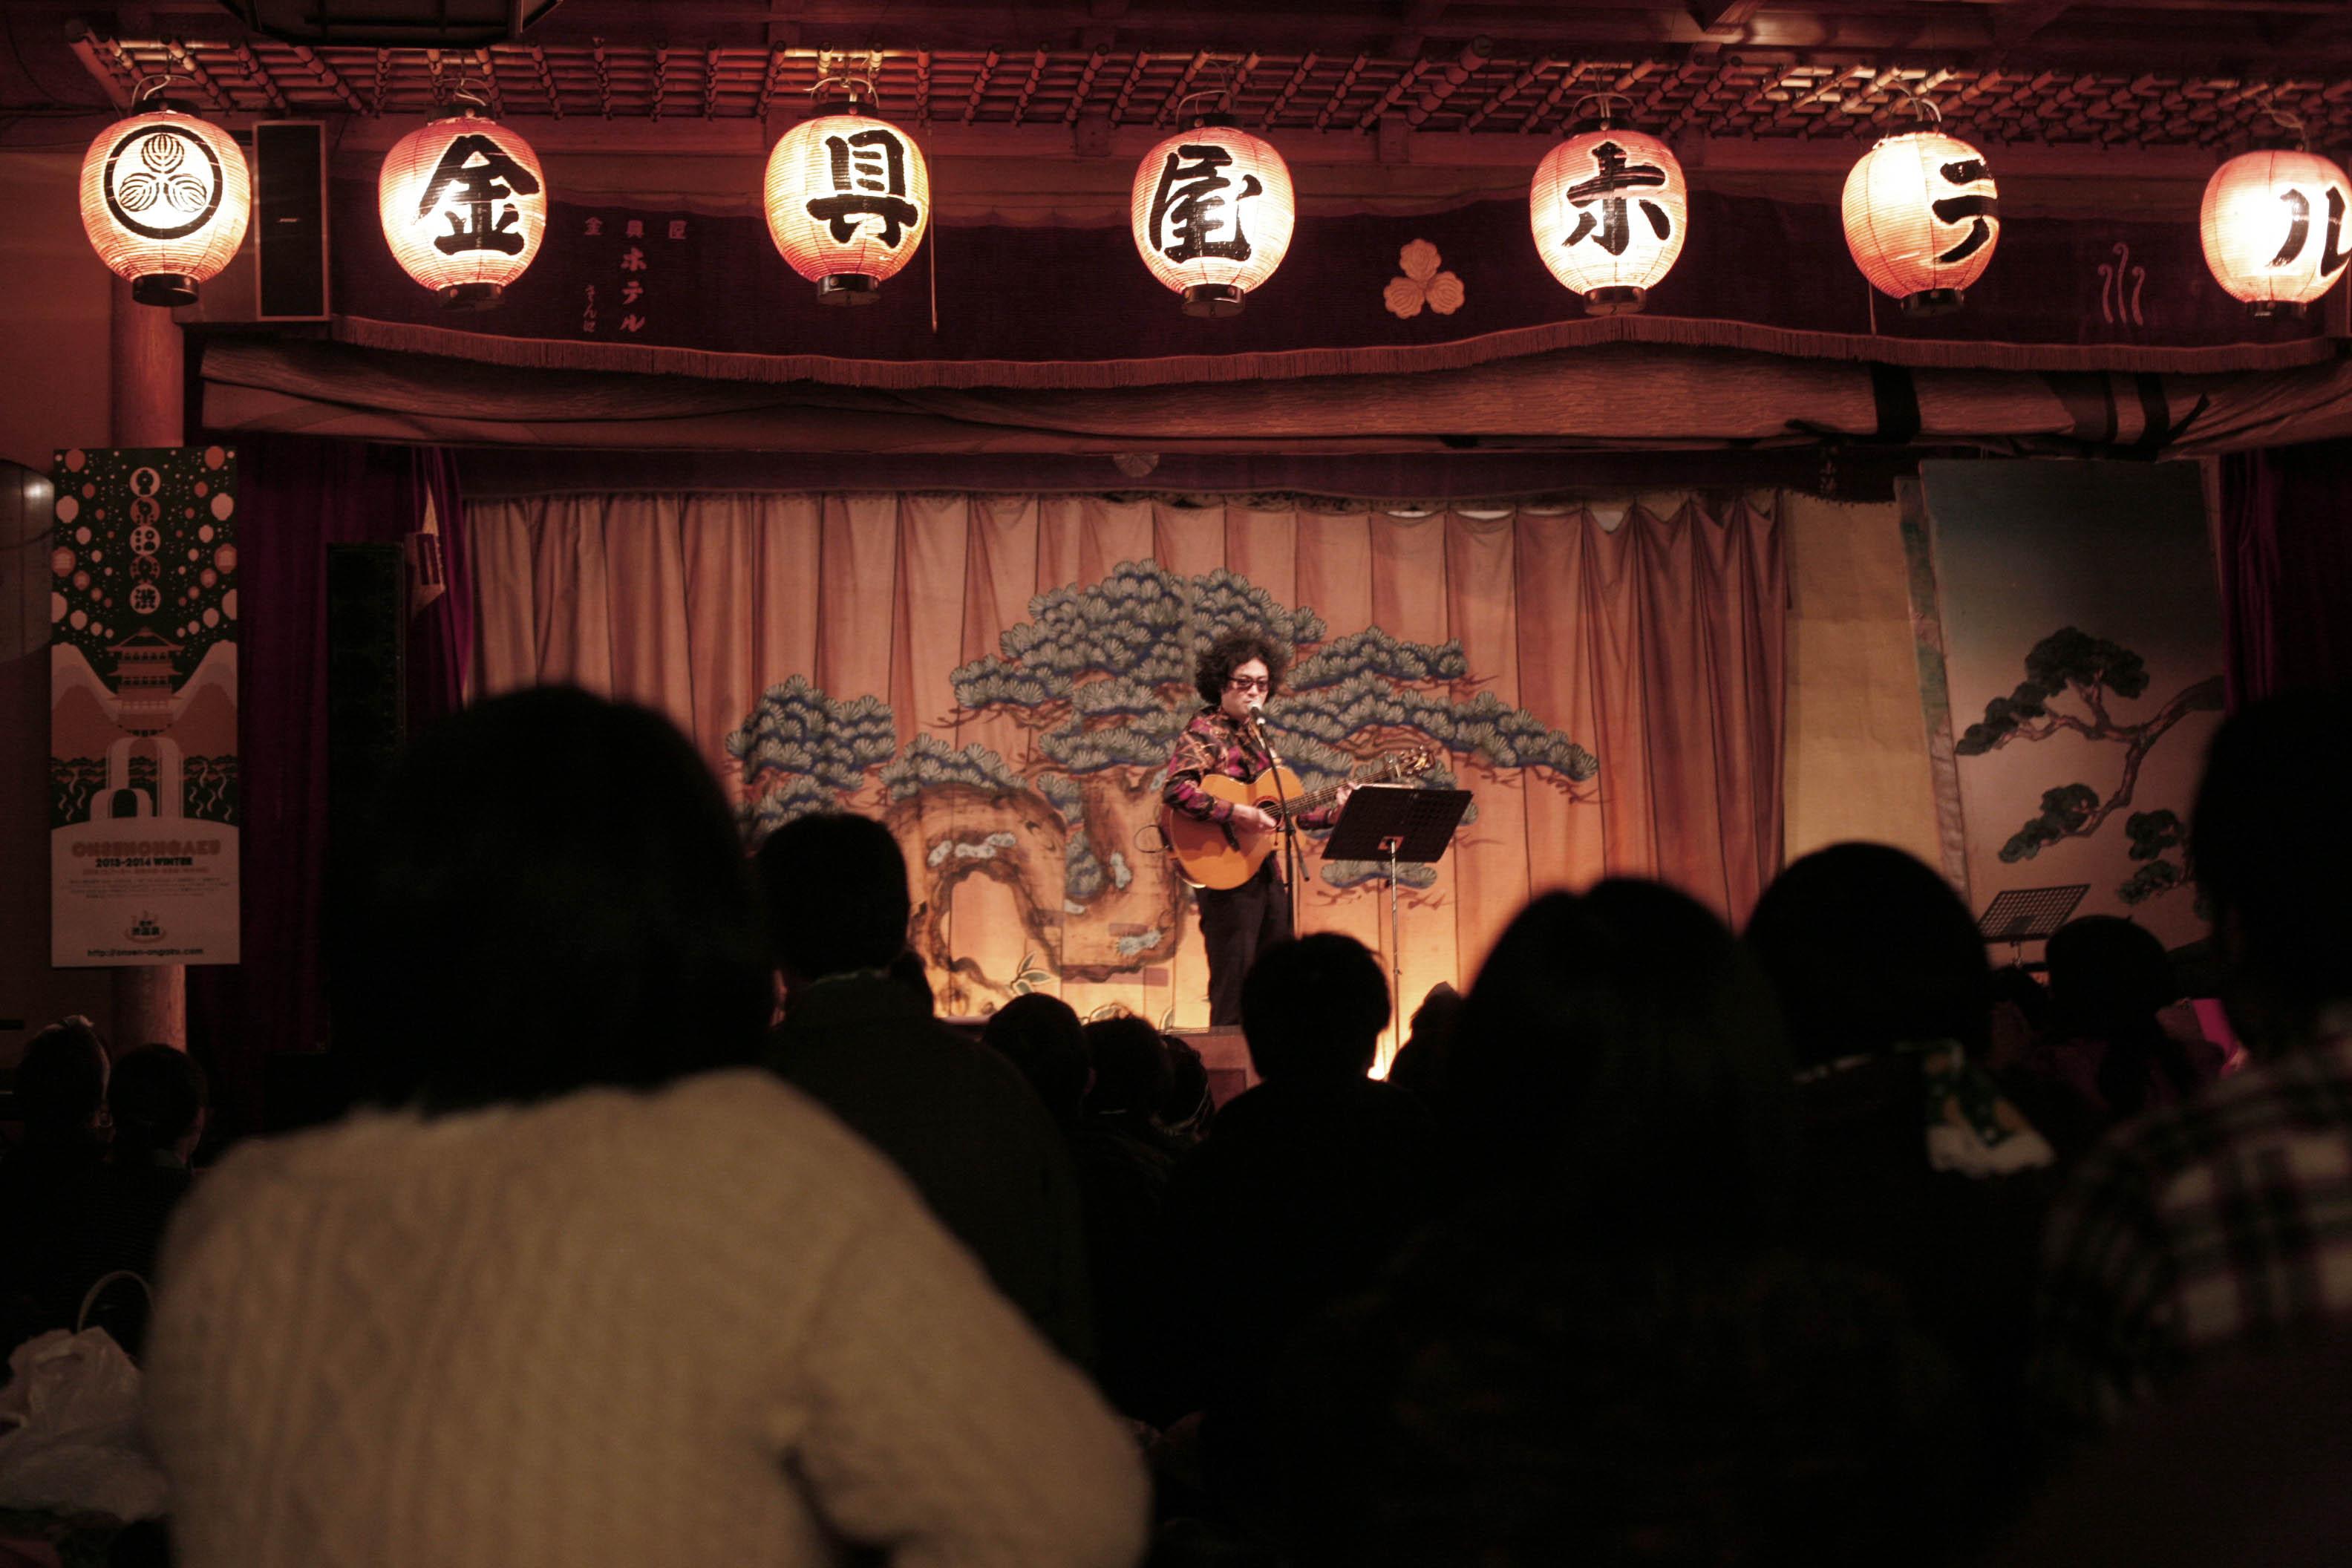 温泉音楽のステージ